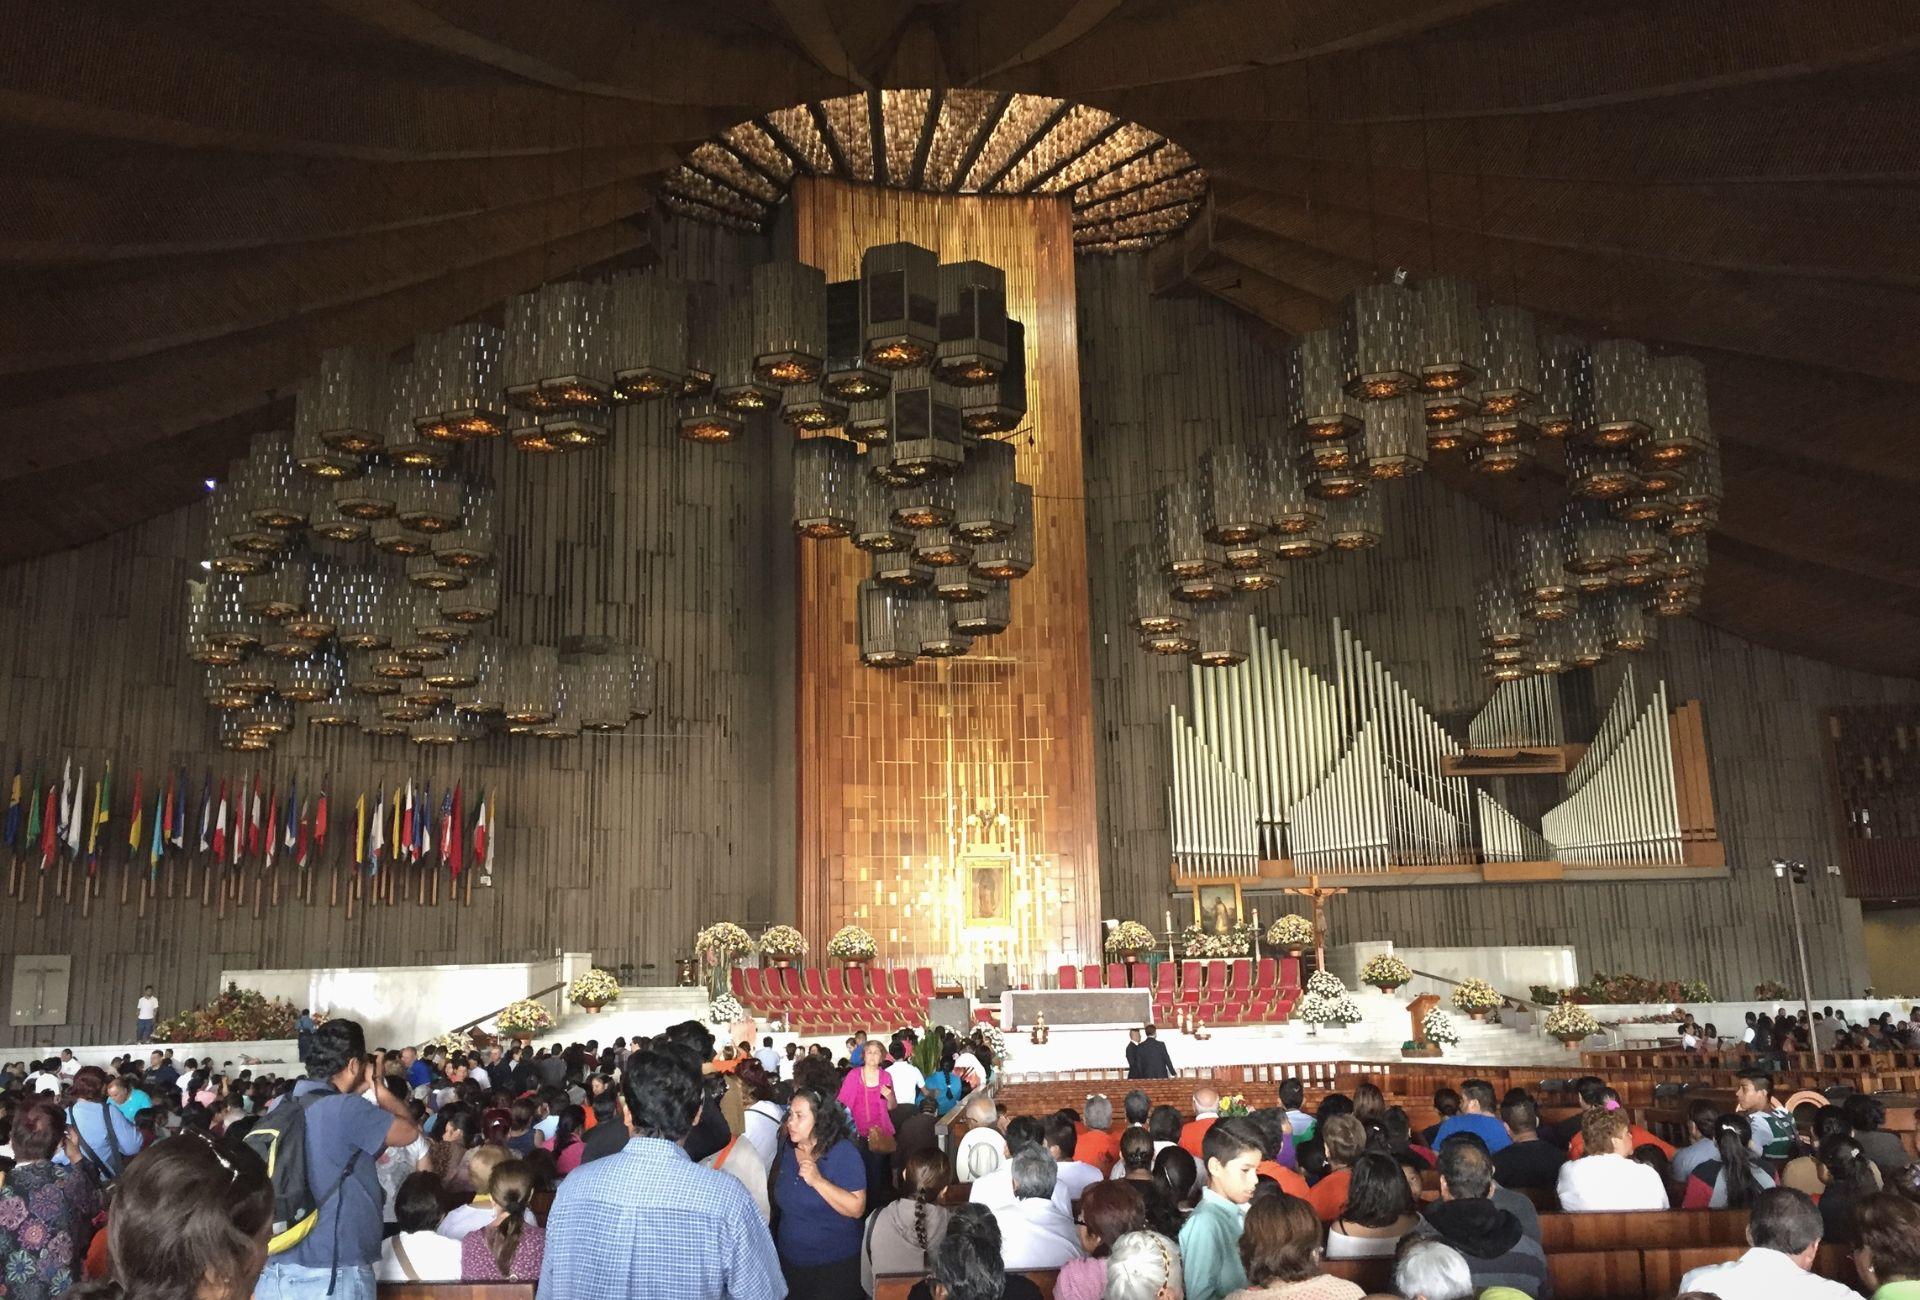 Visão interna do Santuário de Guadalupe com muitas pessoas